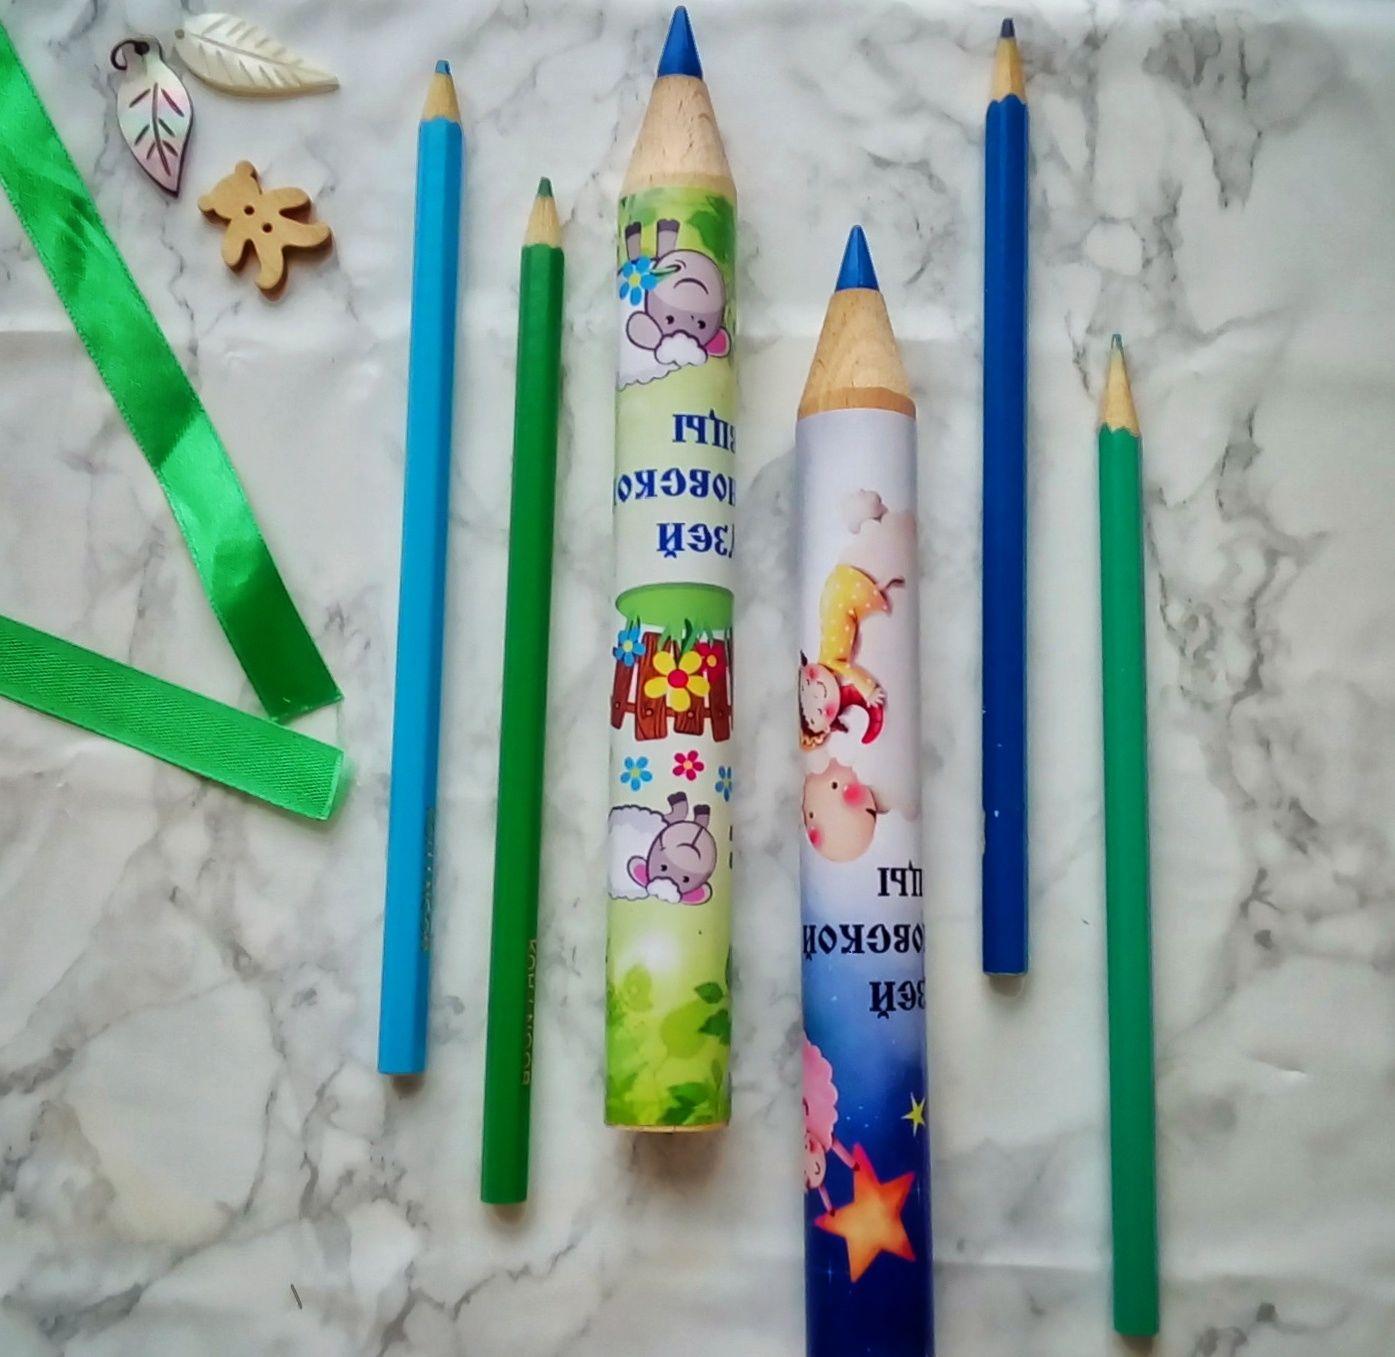 Приколы ручной работы. Ярмарка Мастеров - ручная работа. Купить Карандаш сувенирный. Handmade. Сувениры, сувениры и подарки, бук